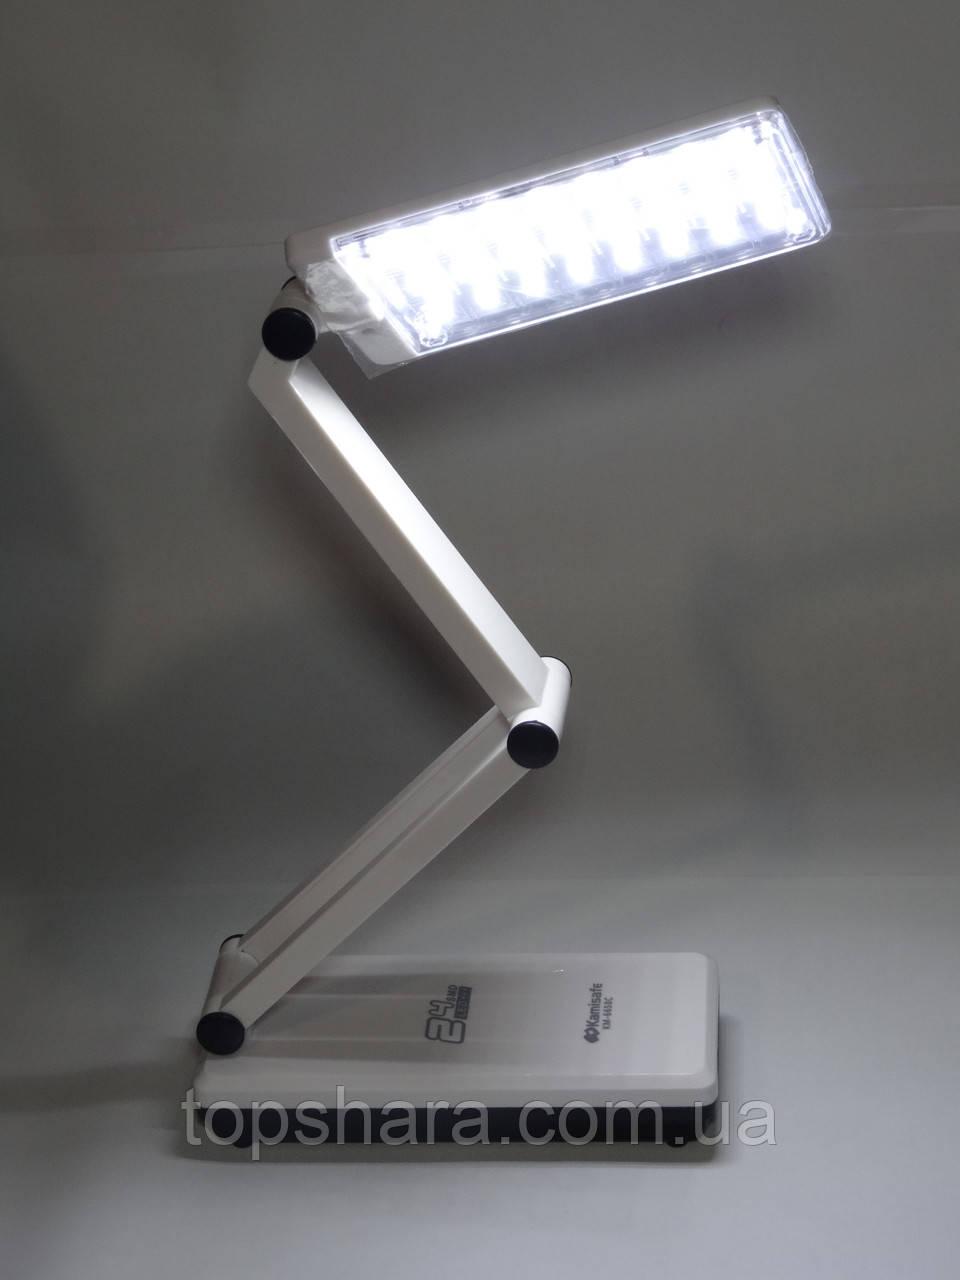 Лампа настольная трансформер kamisafe KM-6658C 24 led